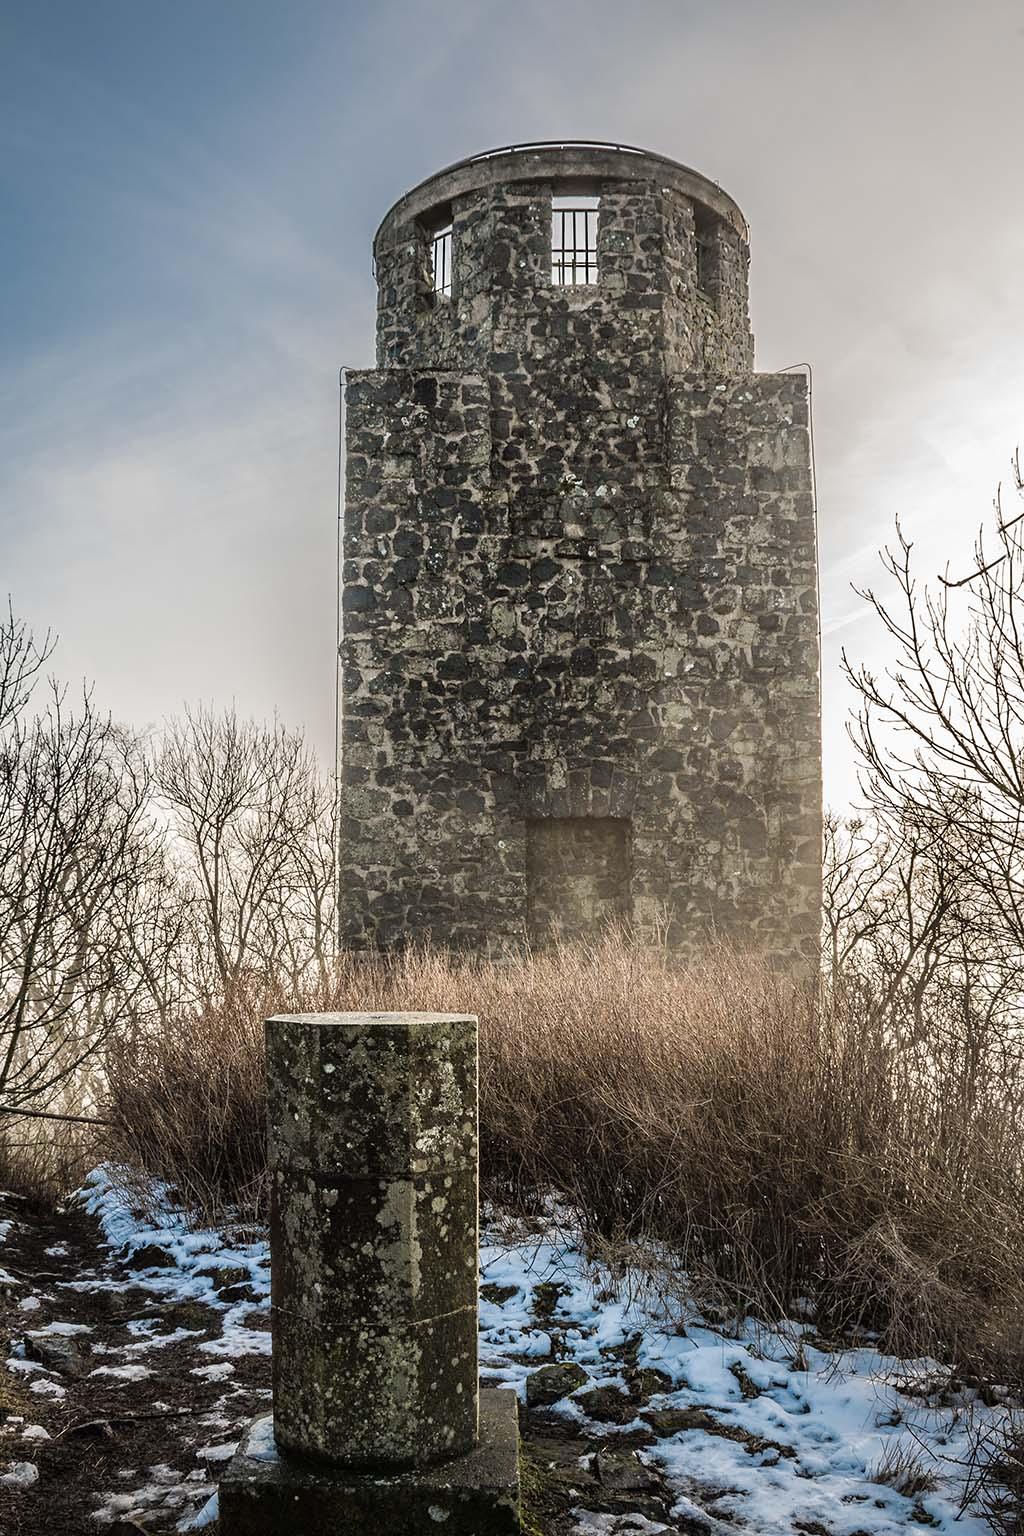 Kaiser-Wilhelm-Turm von hinten